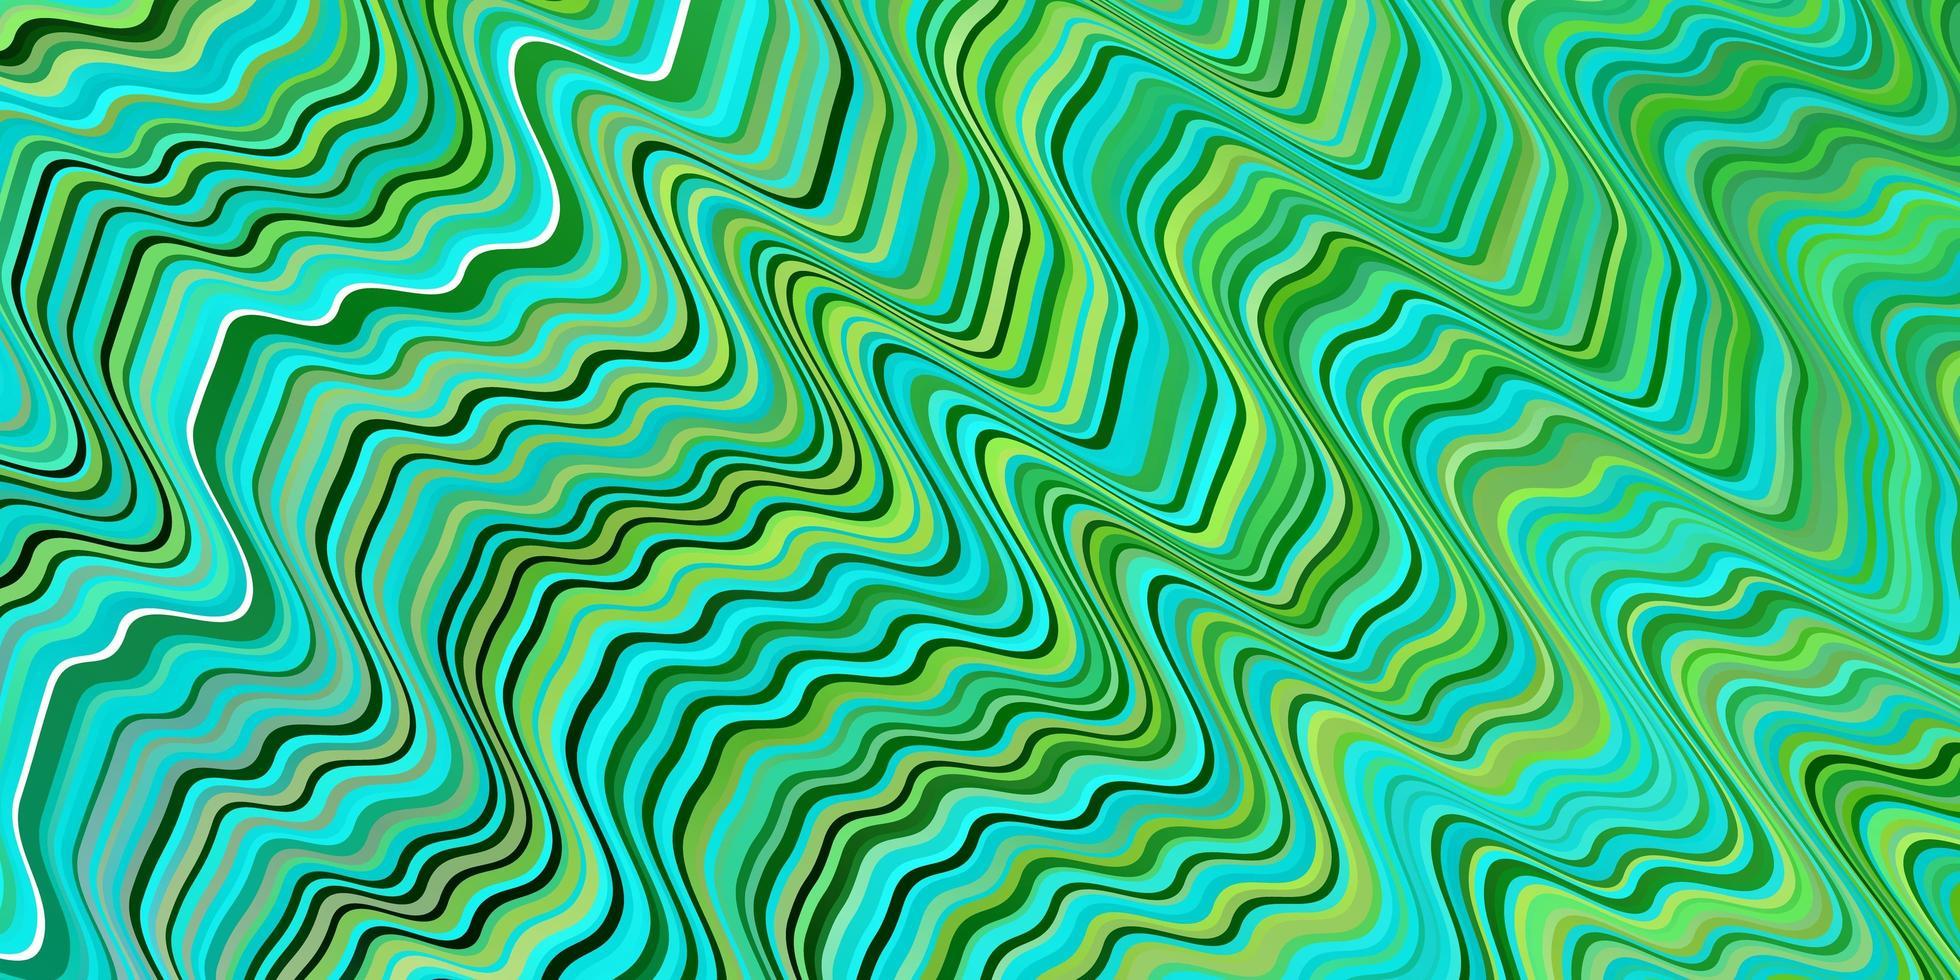 grön och gul mall med linjer vektor